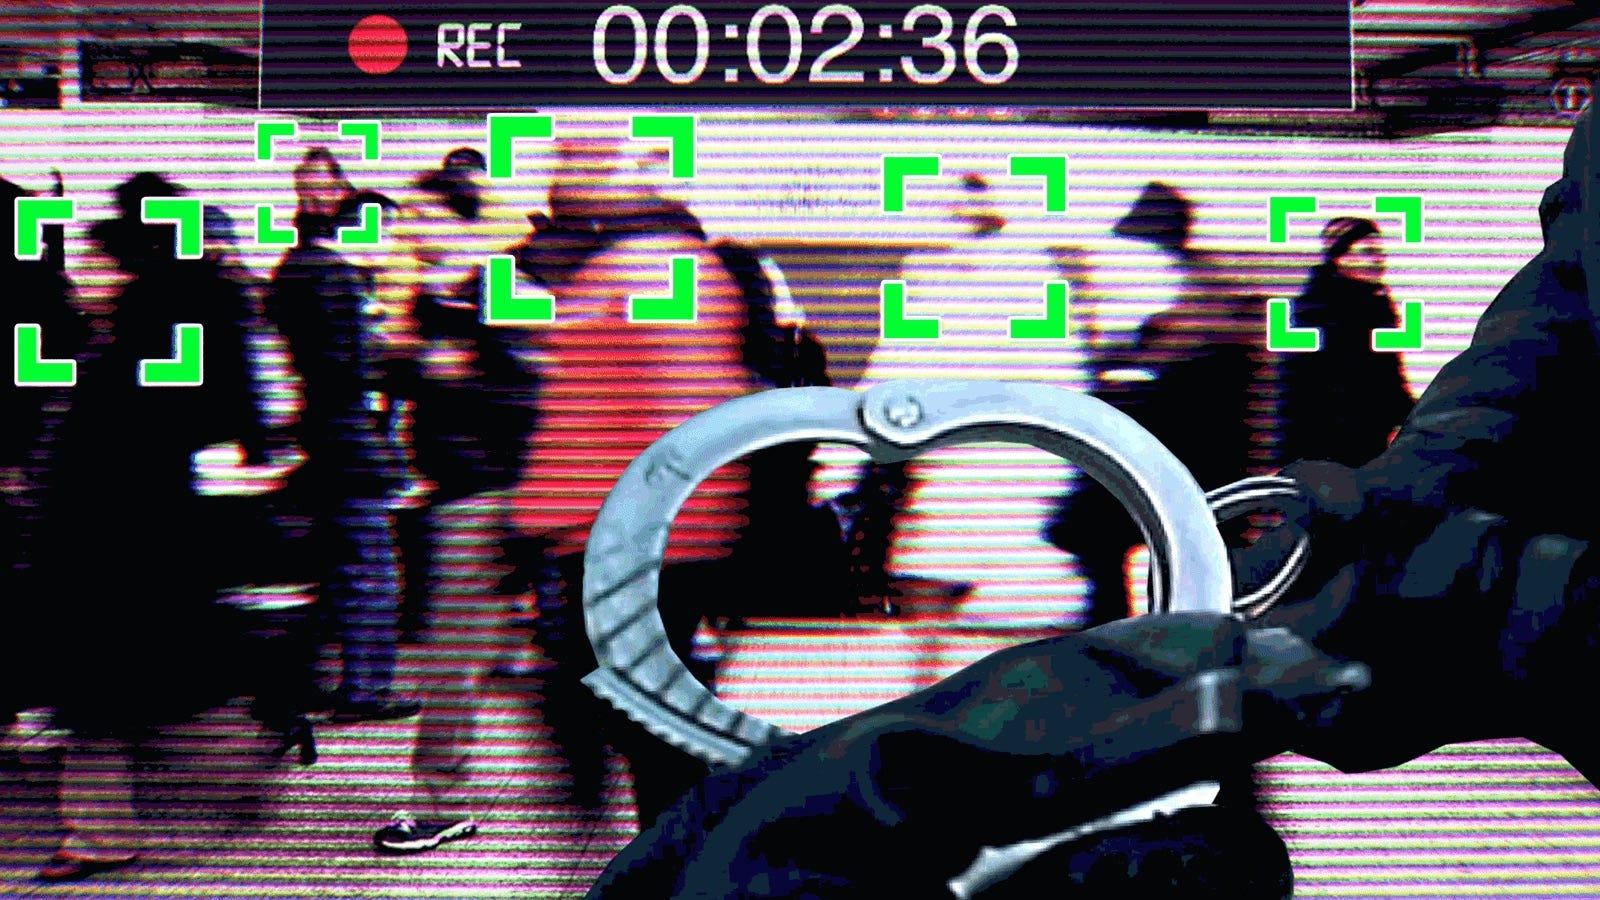 Atrapan a un asesino gracias a una IA de reconocimiento facial que detectó el cadáver